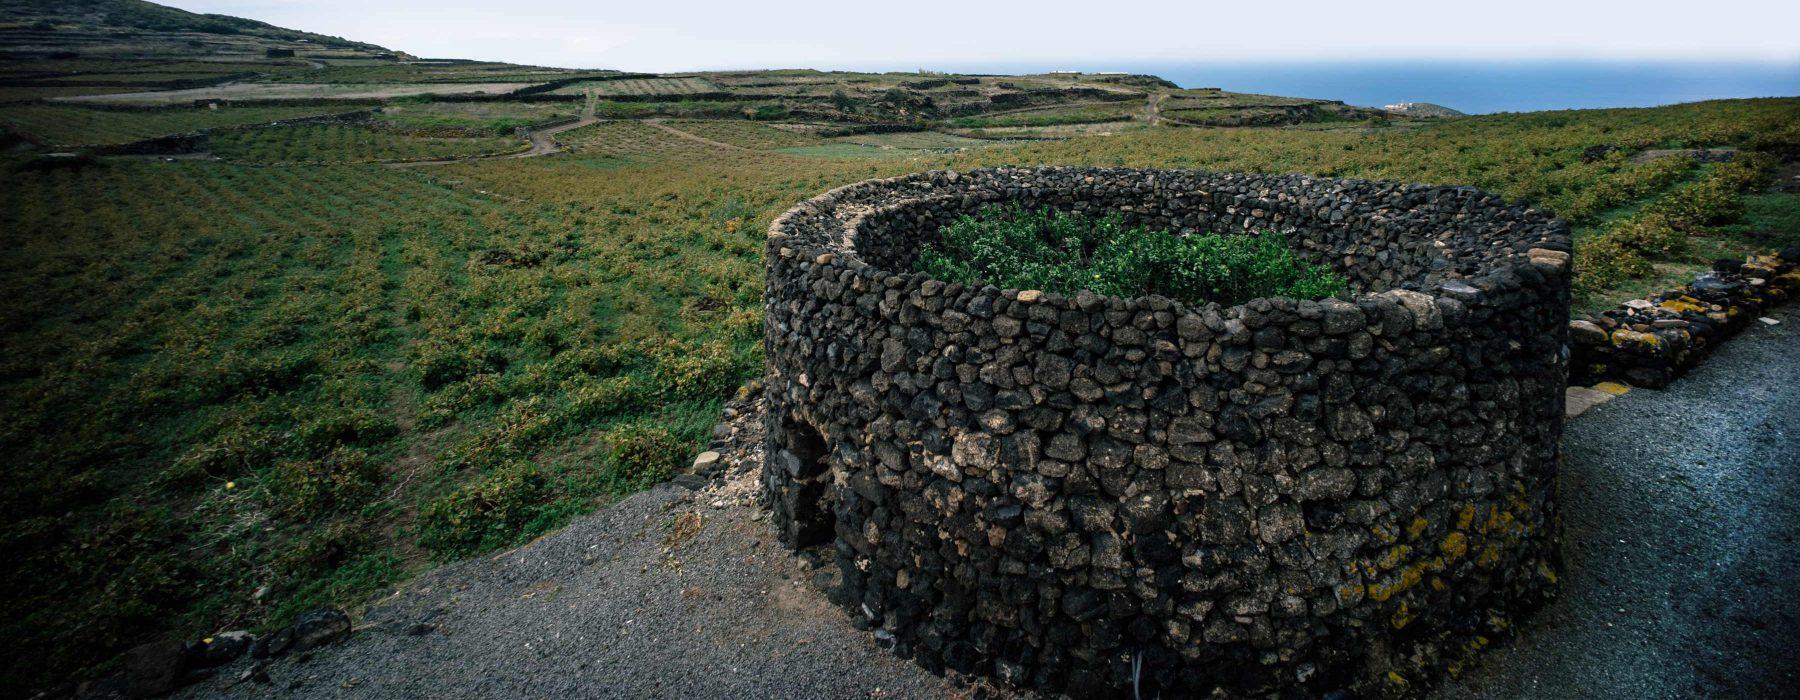 Pantelleria: 3000 ans d'histoire… les jardins Panteschi